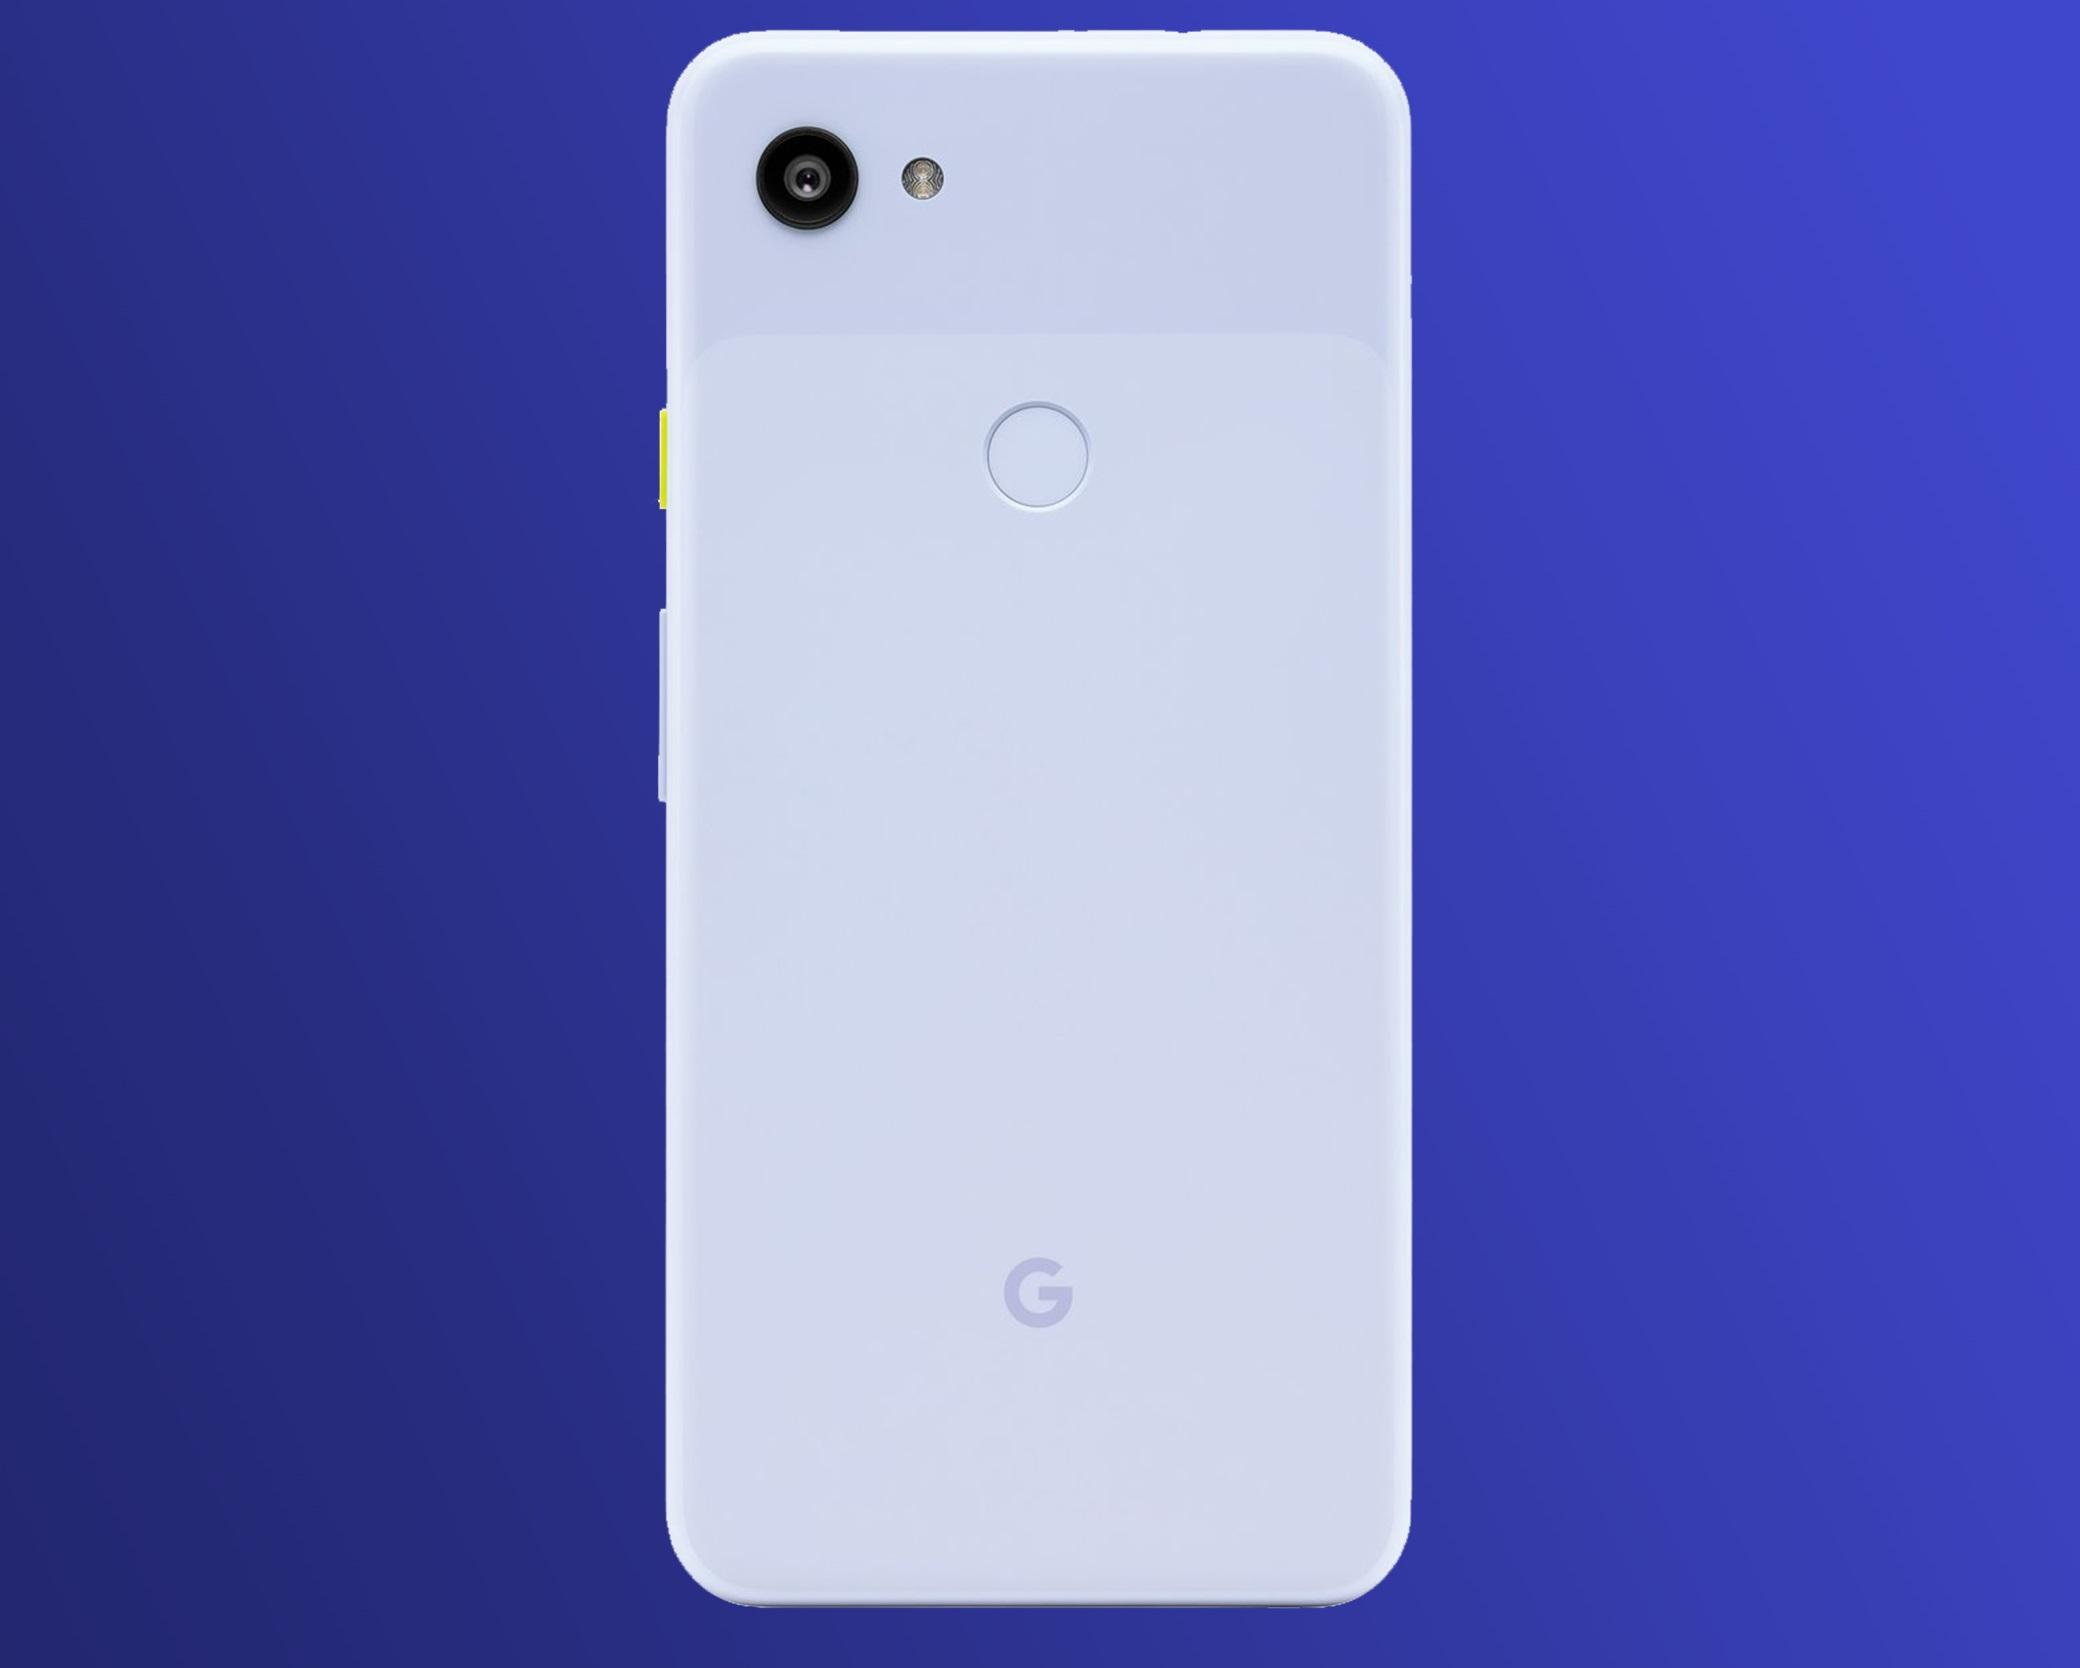 Pixel 3a : Google lancerait un modèle violet en partenariat avec Marvel